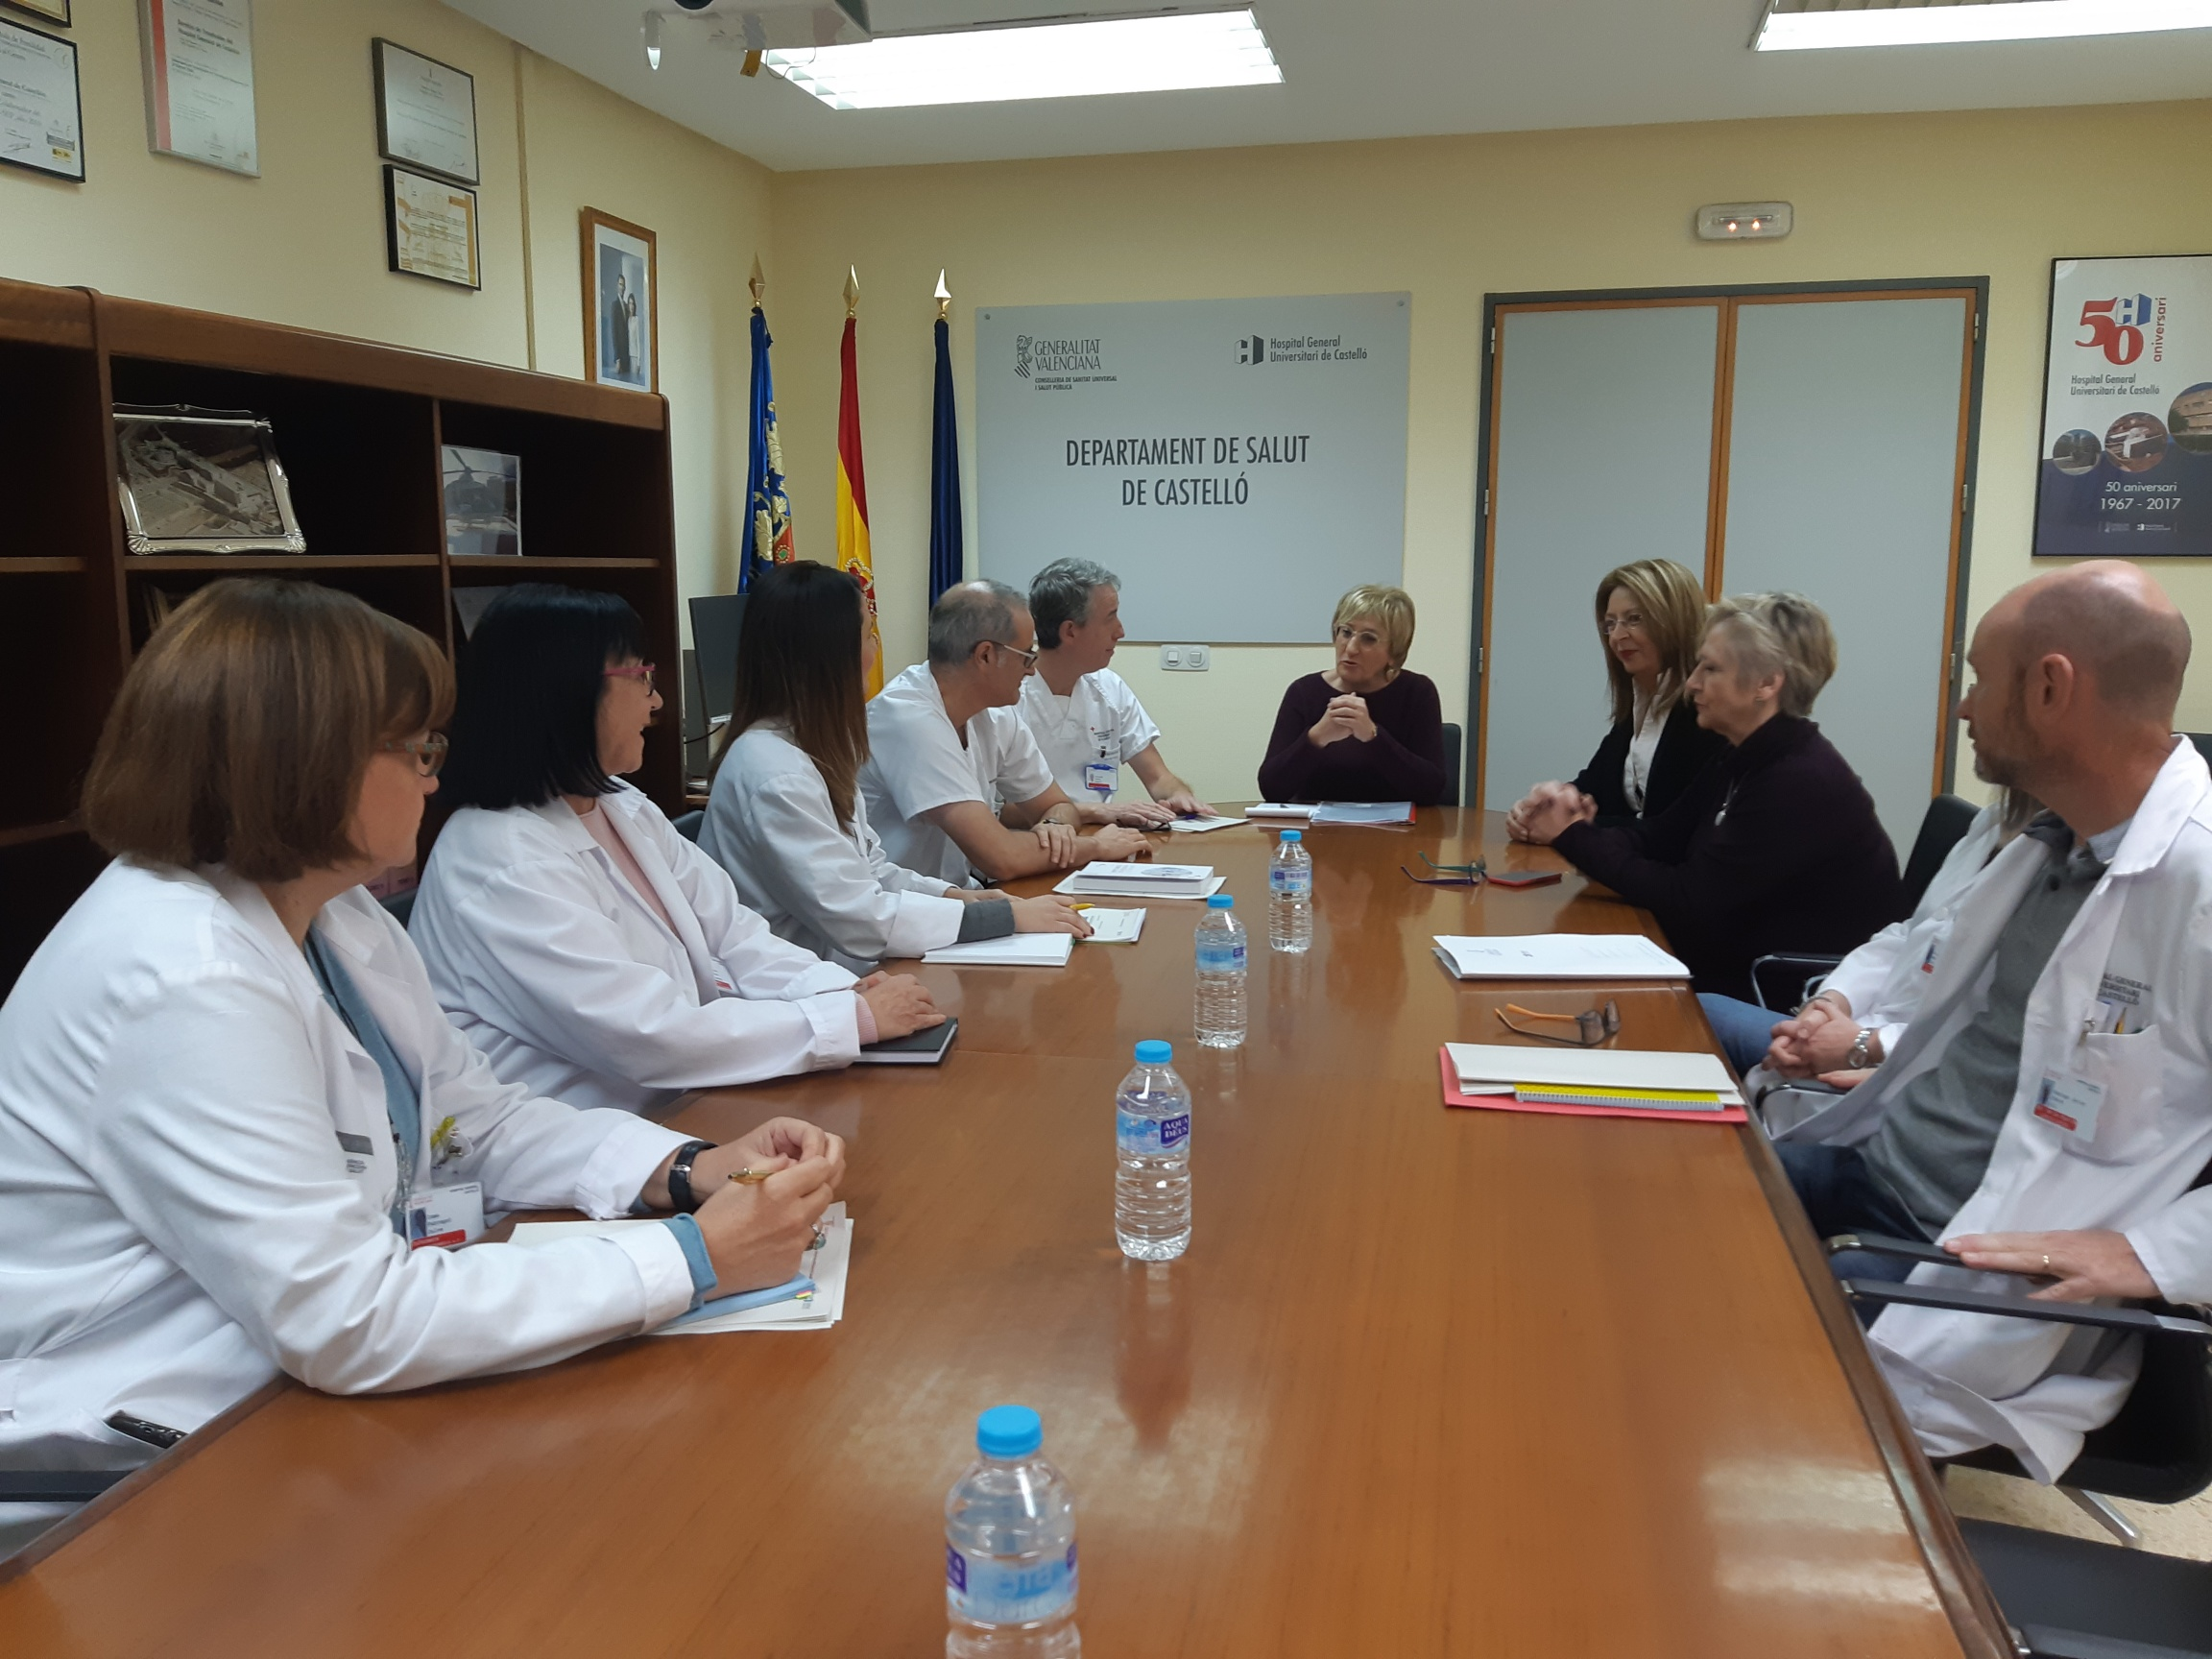 Sanidad inicia el expediente de contratación de las obras del servicio de urgencias del Hospital General de Castelló